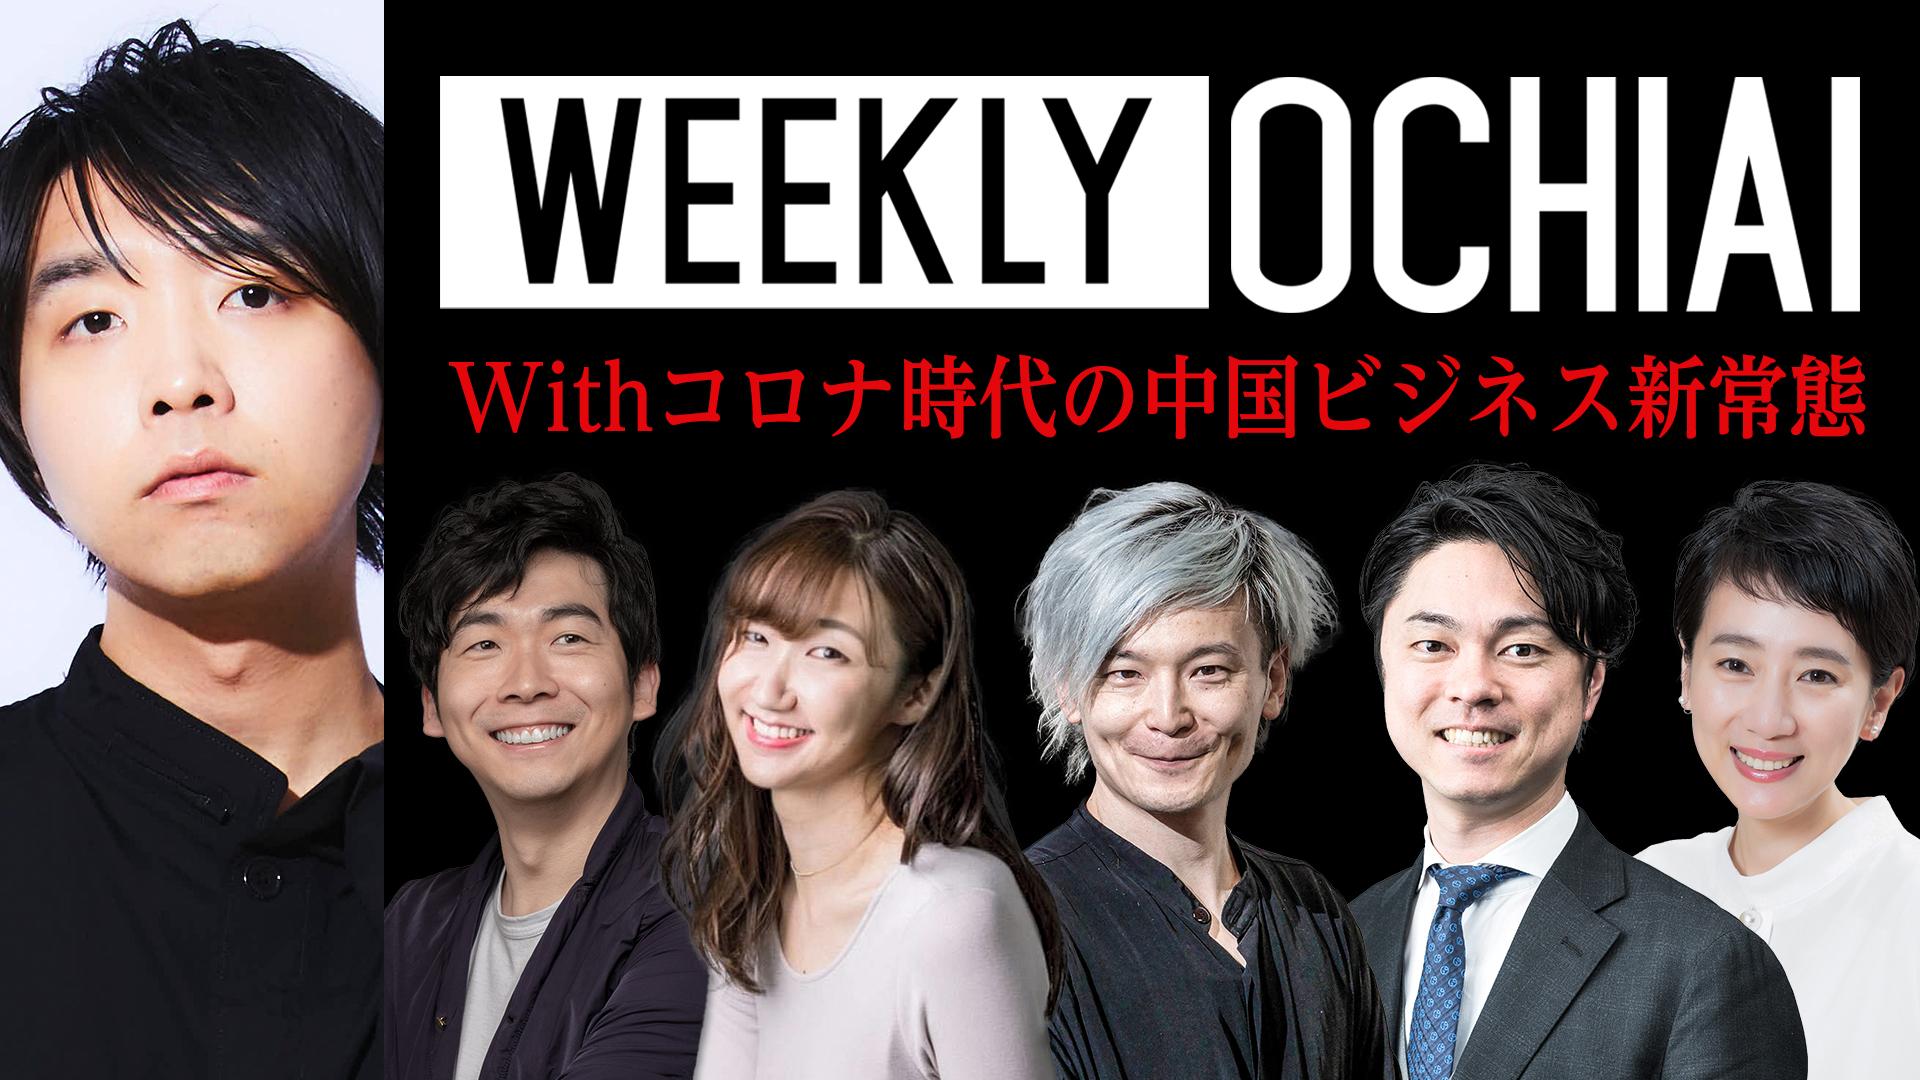 WEEKLY OCHIAI Withコロナ時代の中国ビジネス新常態